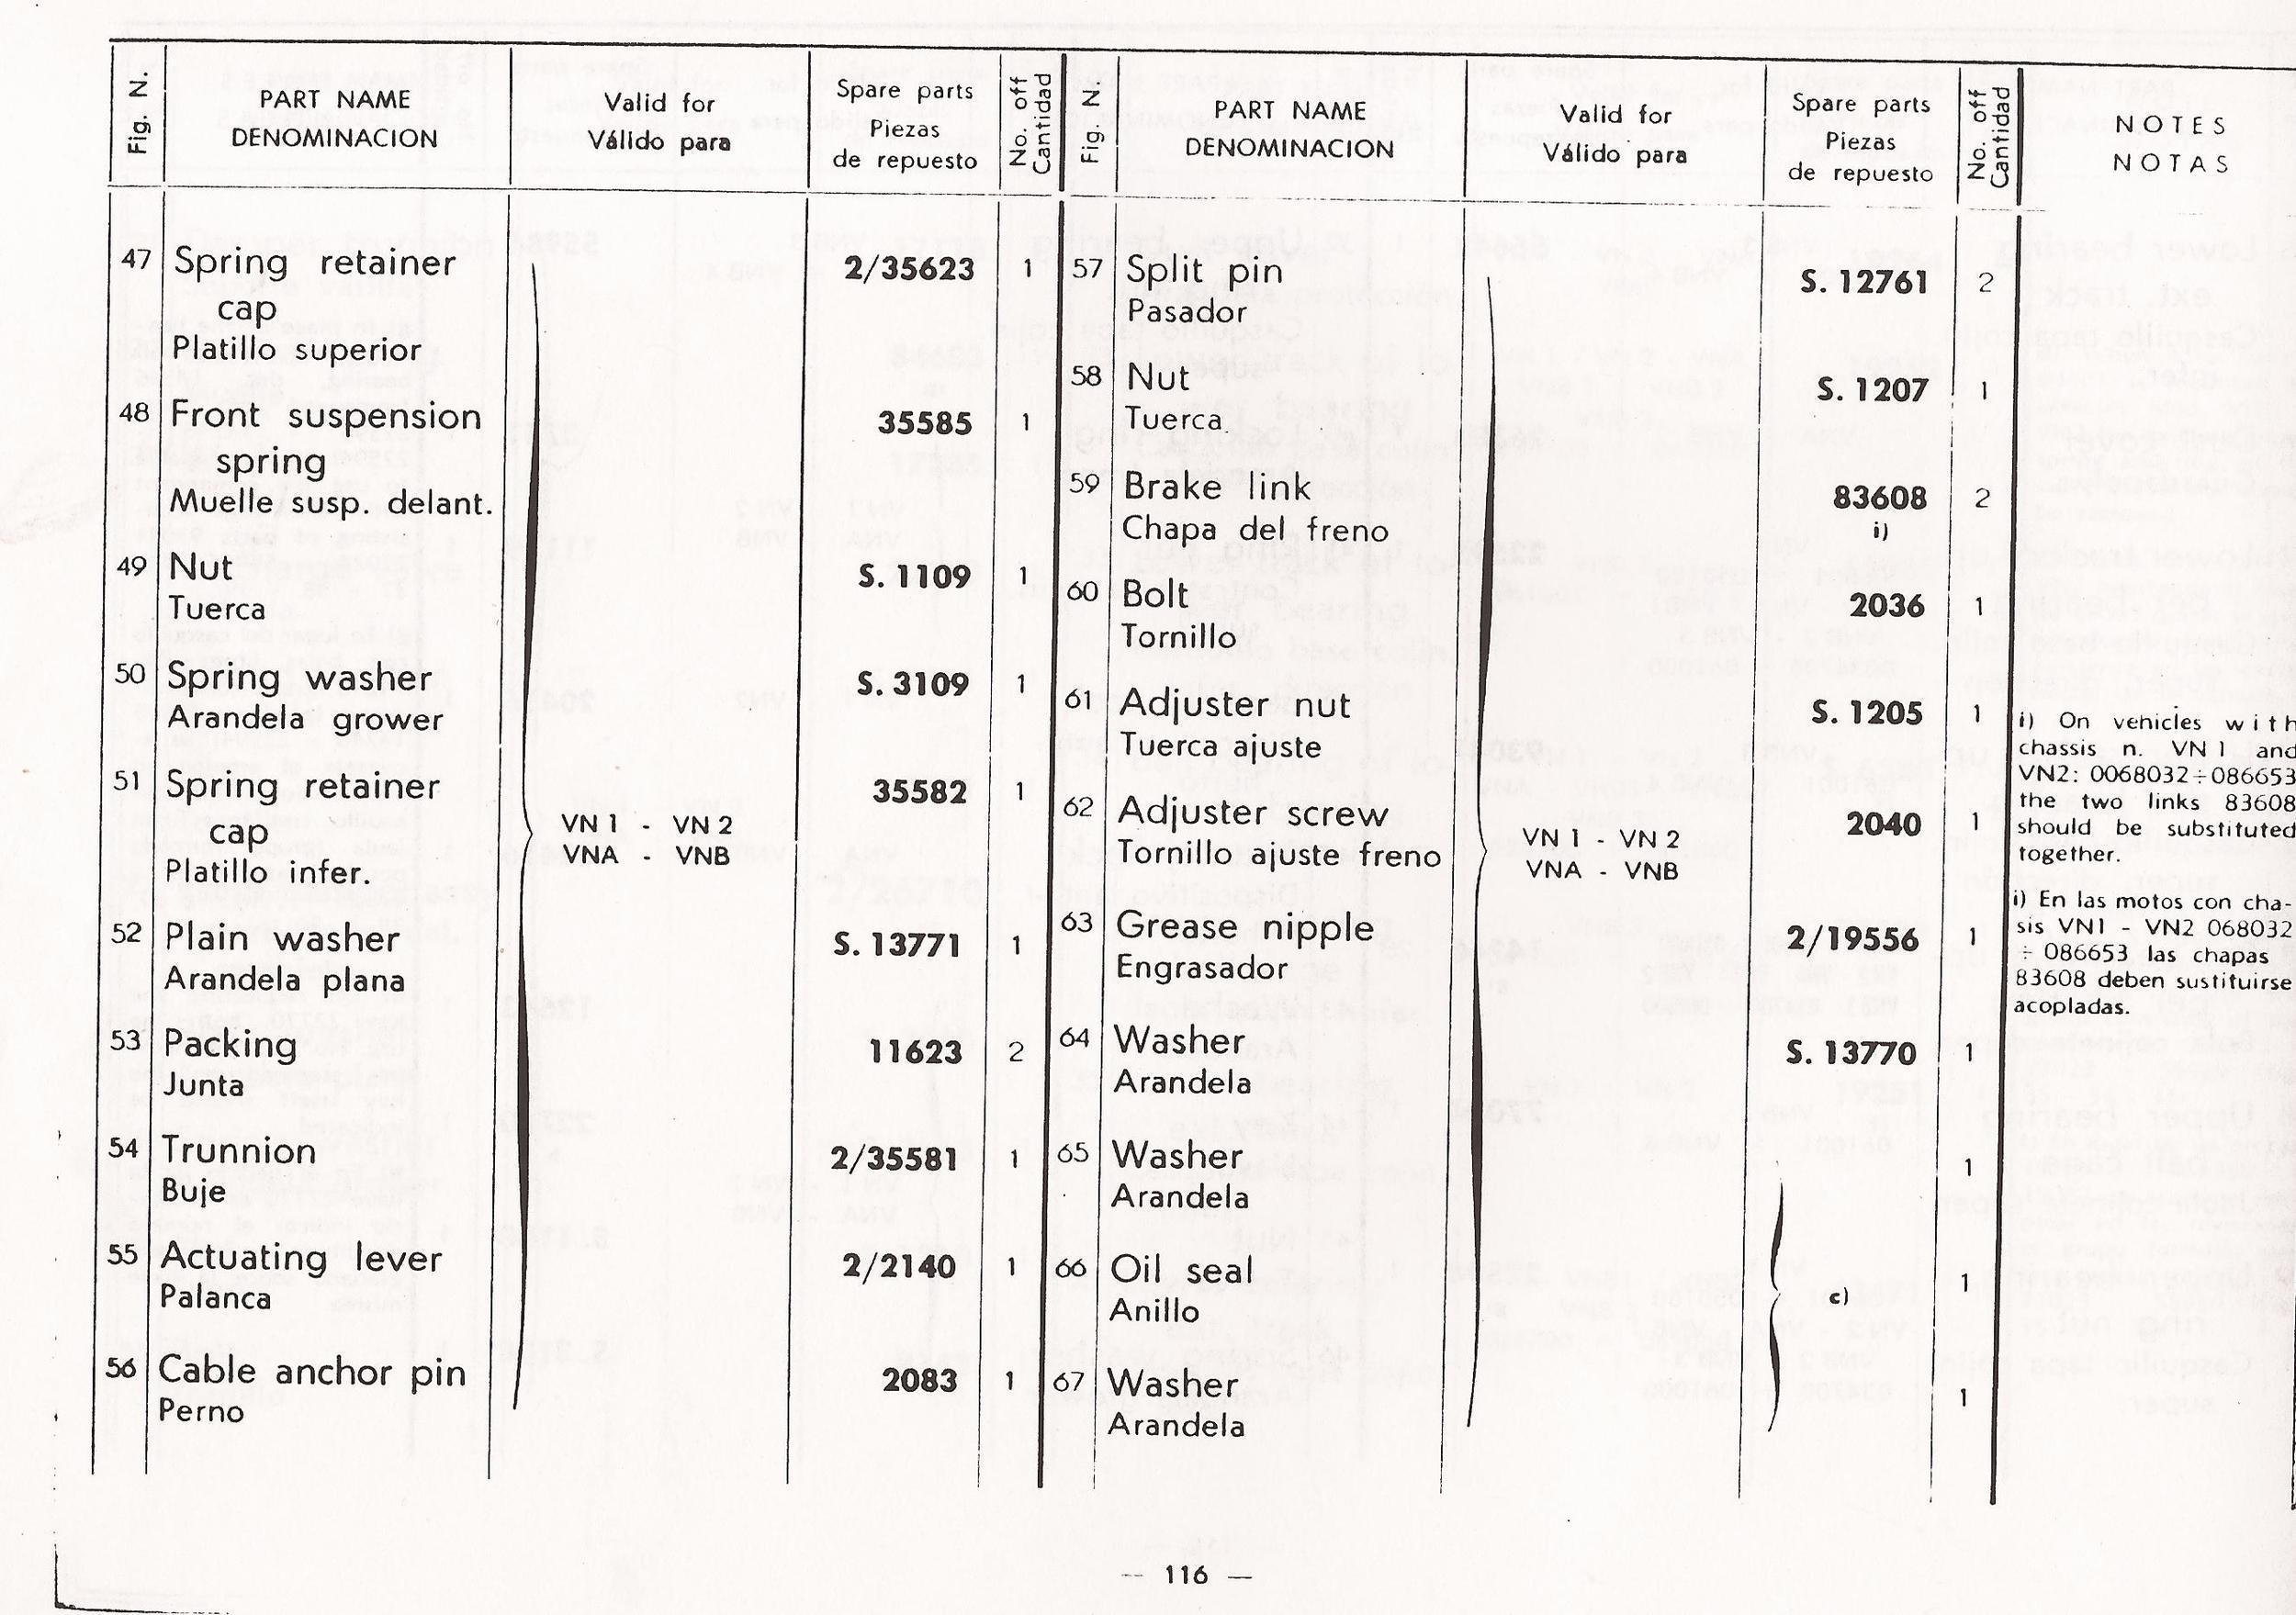 07-16-2013 vespa 125 catalog manuel 123.jpg